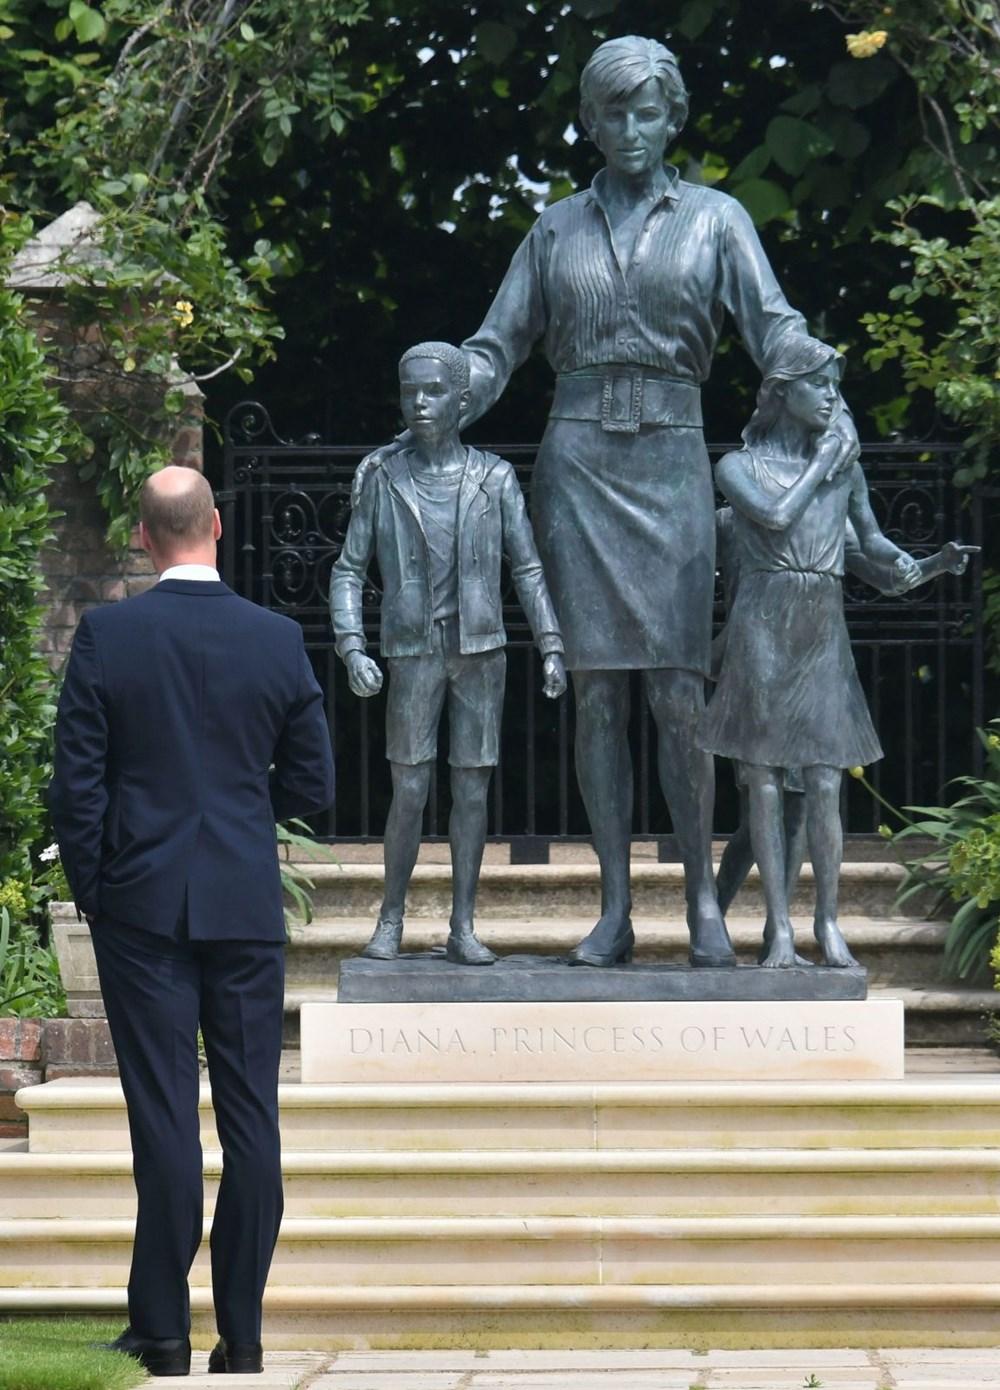 Prenses Diana'nın 60'ıncı doğum gününde Kensington Sarayı'nda heykelinin açılışı yapıldı - 16